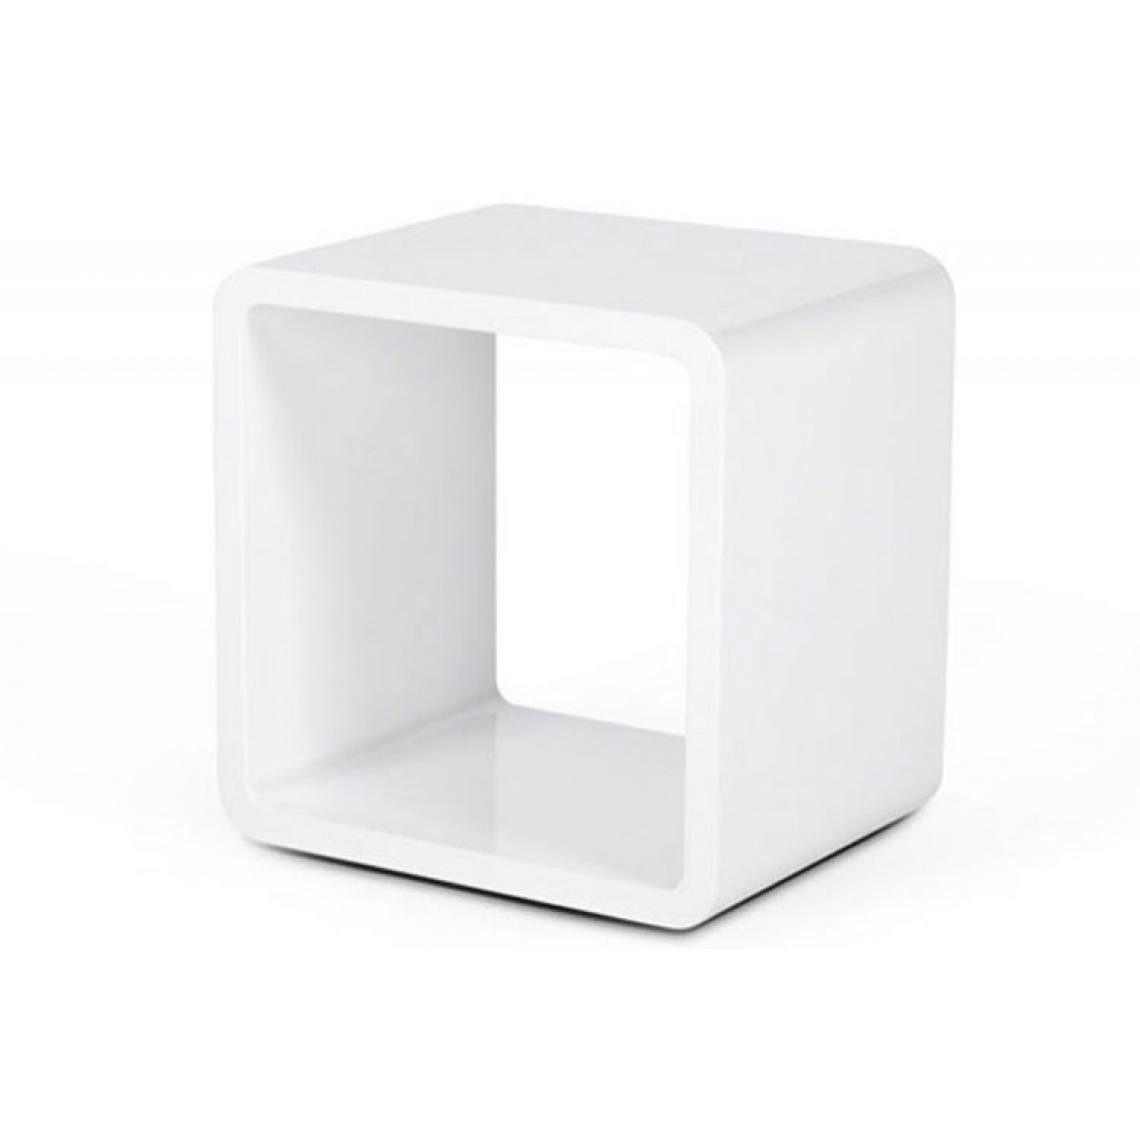 Table De Chevet Design Cube Blanc Laque Table De Chevet Design